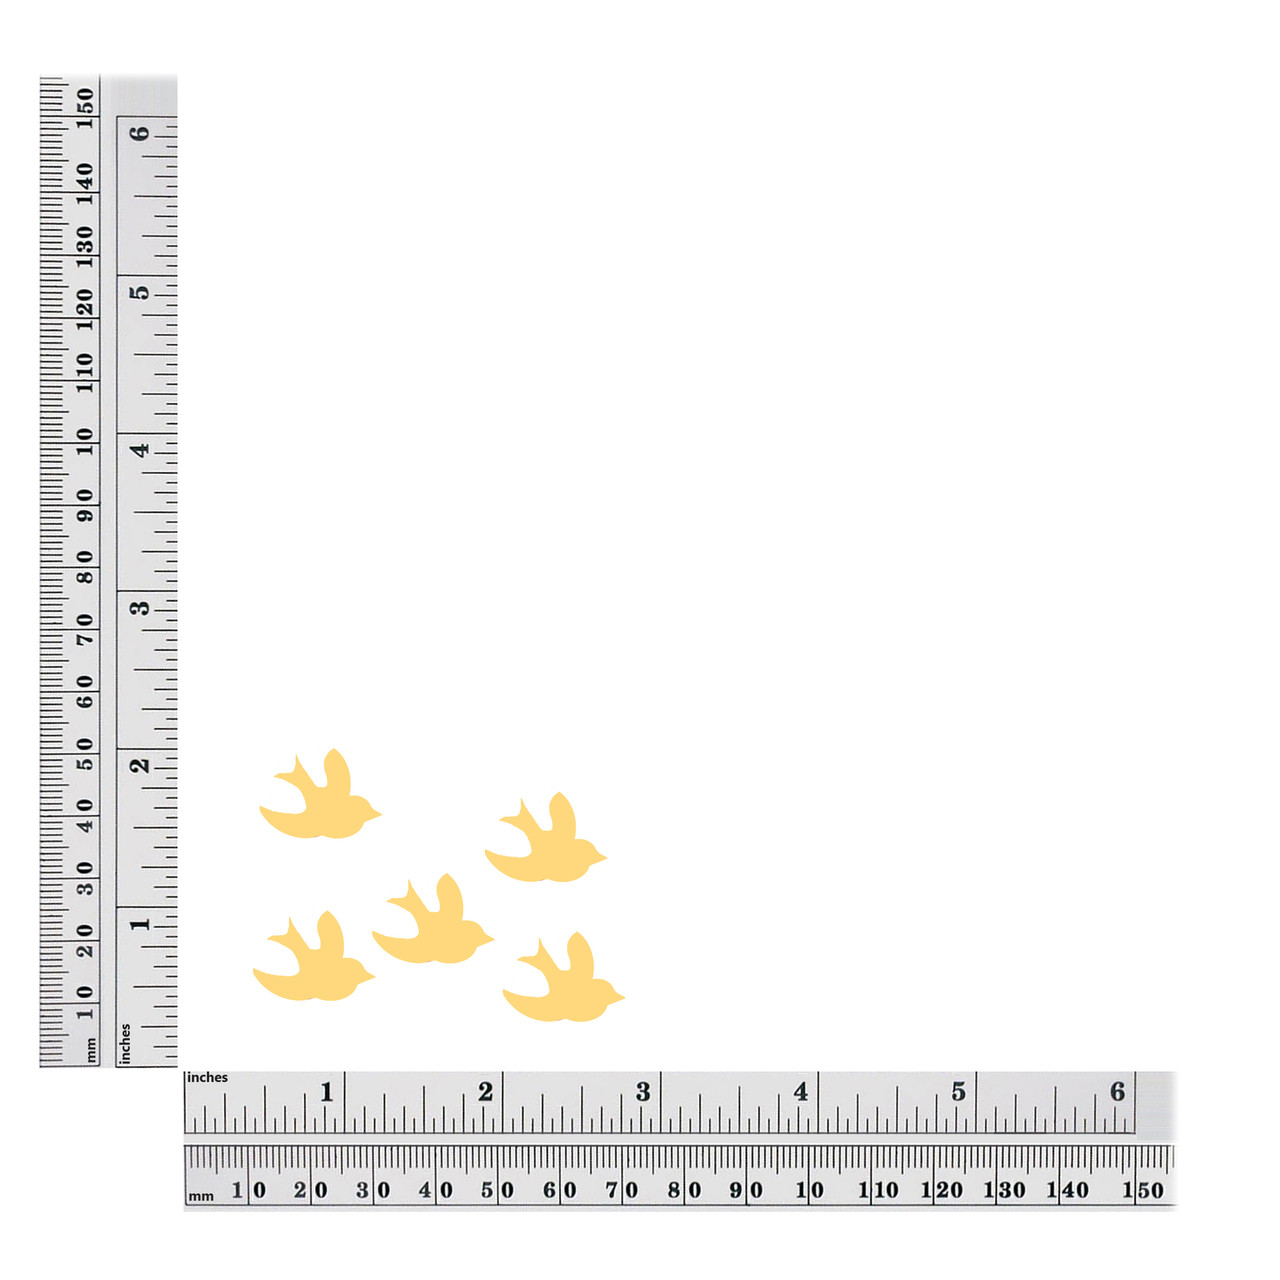 20mm bird sequin size chart